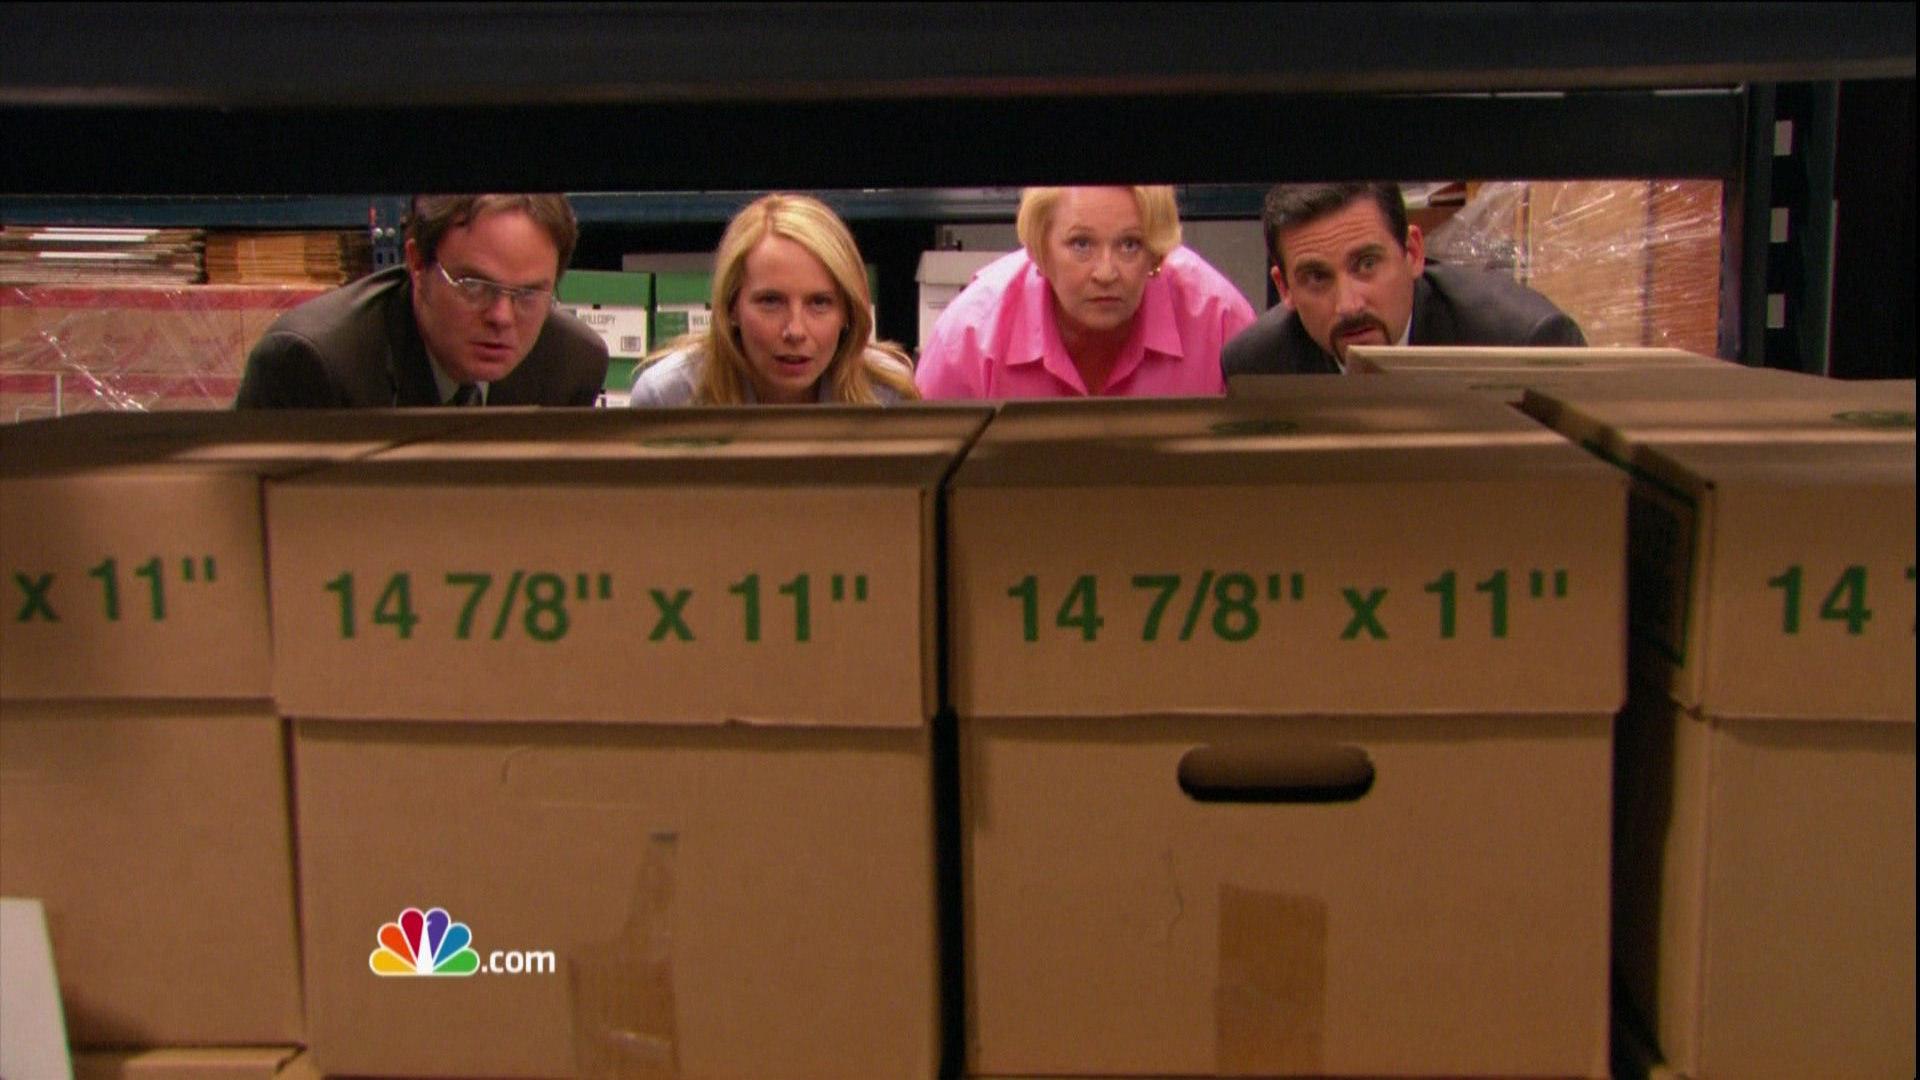 ... office quotes nbc 7 the office quotes nbc 8 the office quotes nbc 9